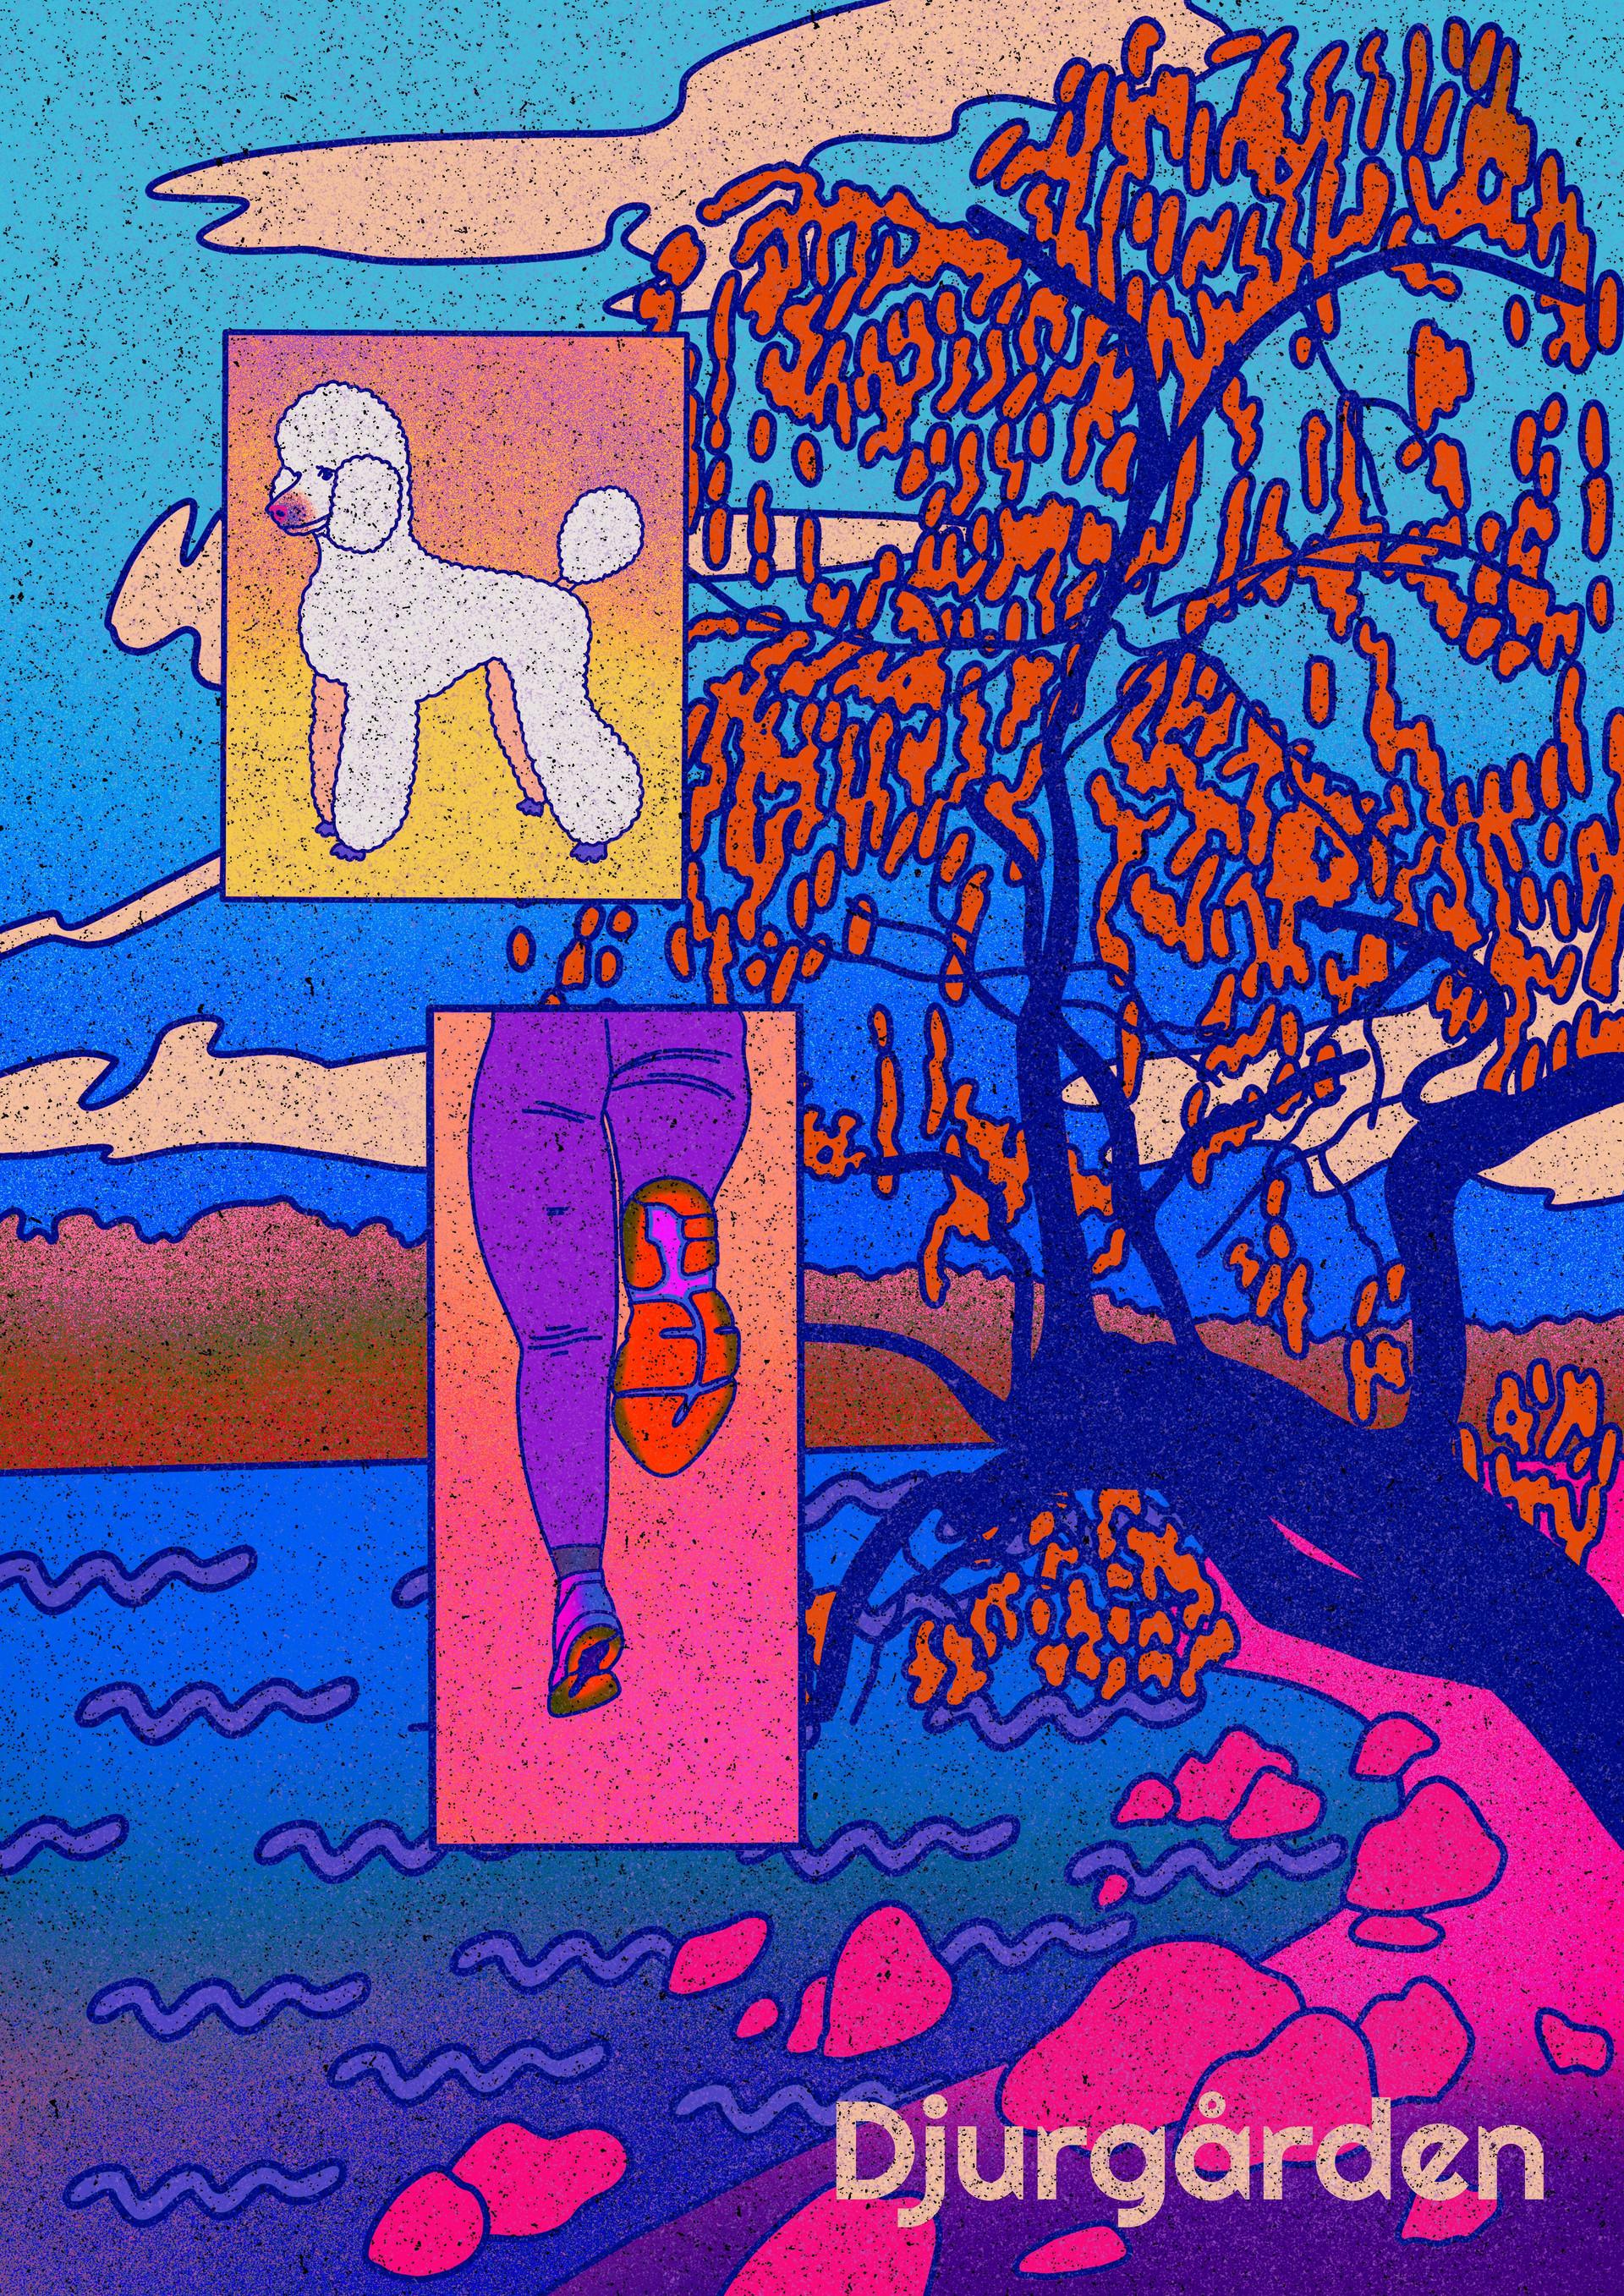 Djurgården Affisch